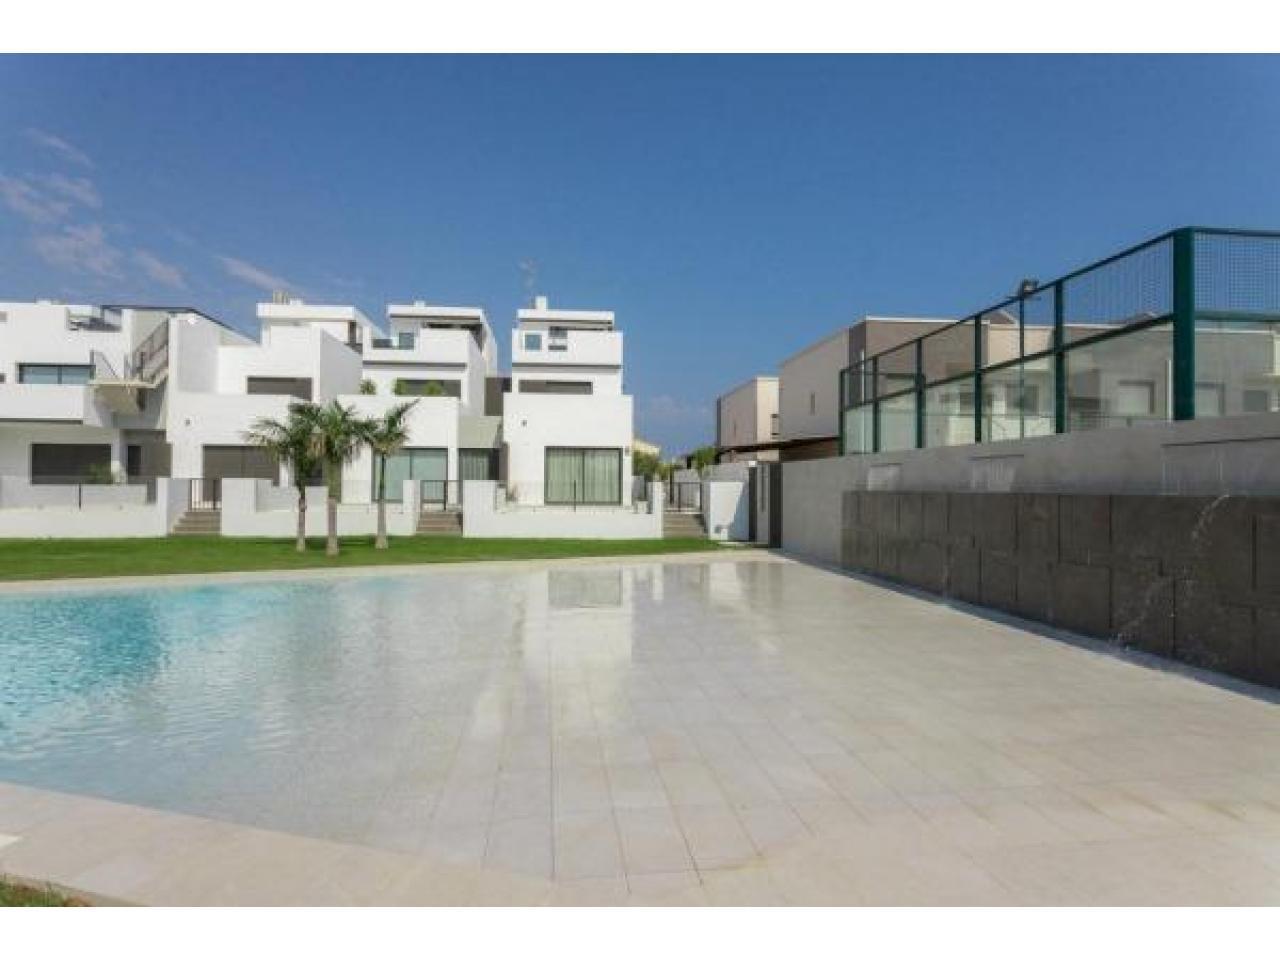 Недвижимость в Испании, Новые бунгало рядом с пляжем от застройщика в Торре де ла Орадада - 10